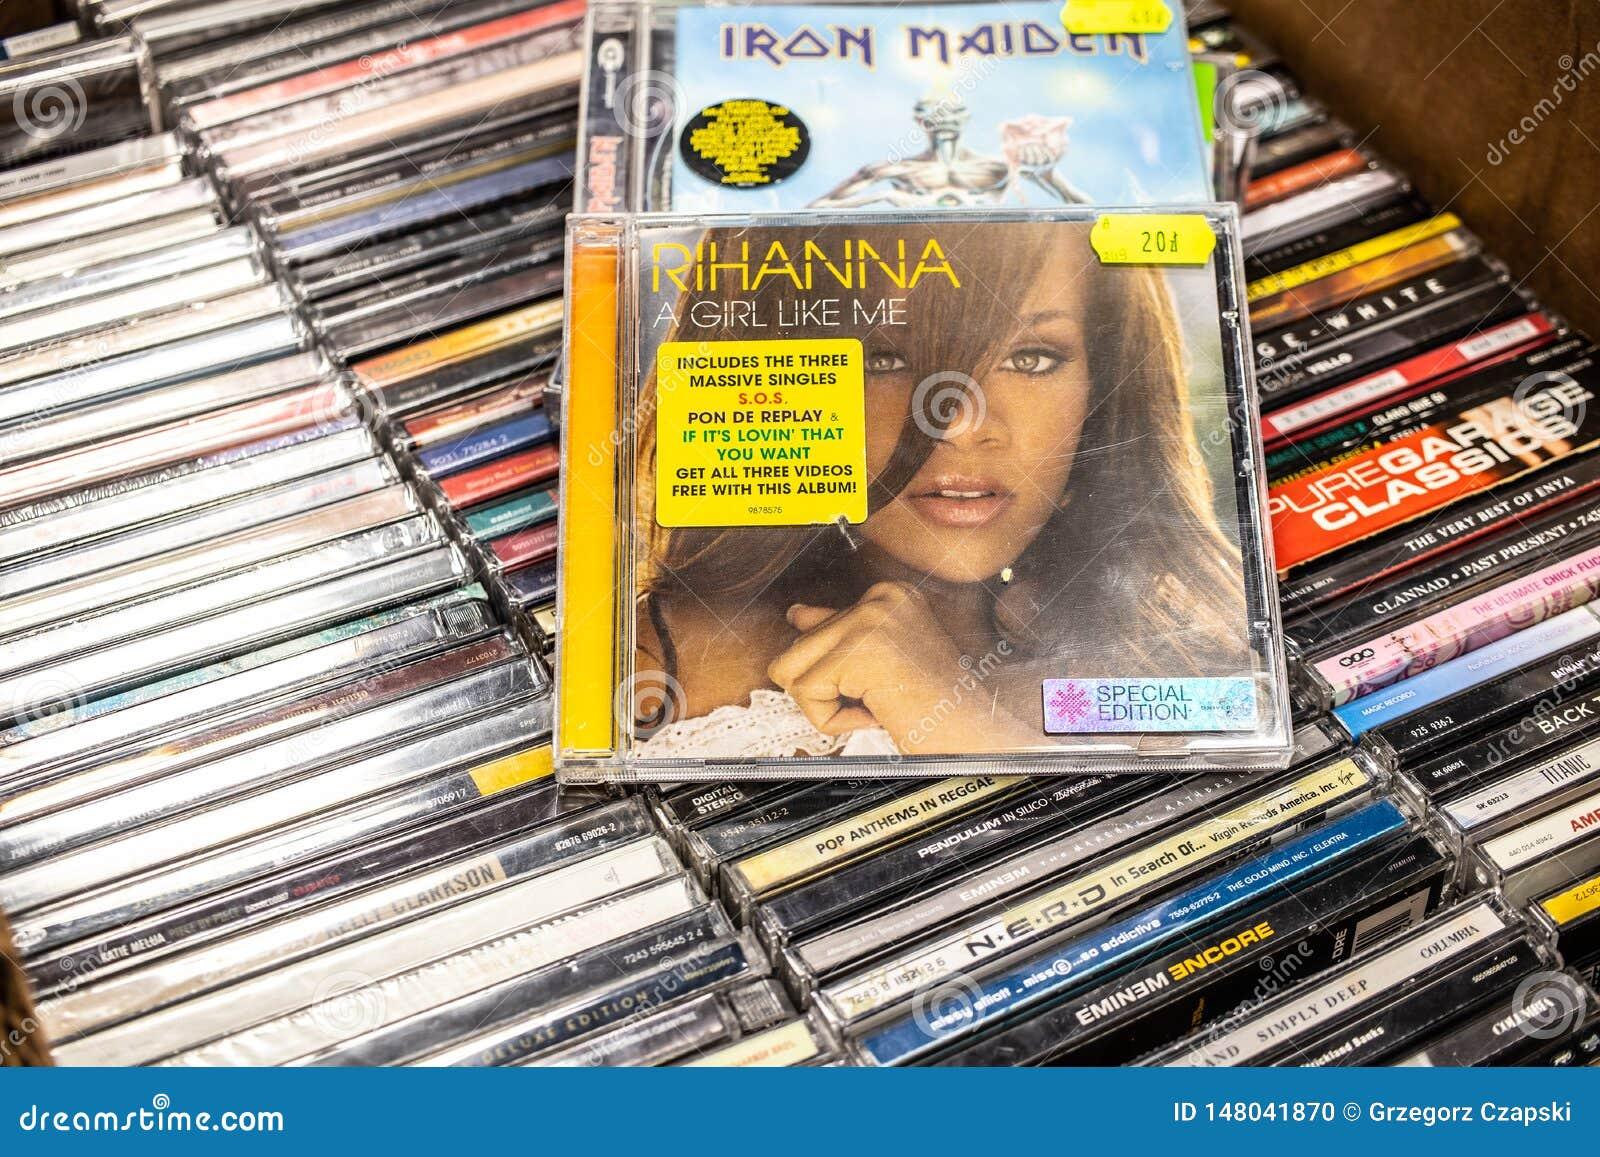 Rihanna CDalbum en flicka som mig 2006 på till salu berömd barbadisk sångare för skärm, affärskvinna och aktris